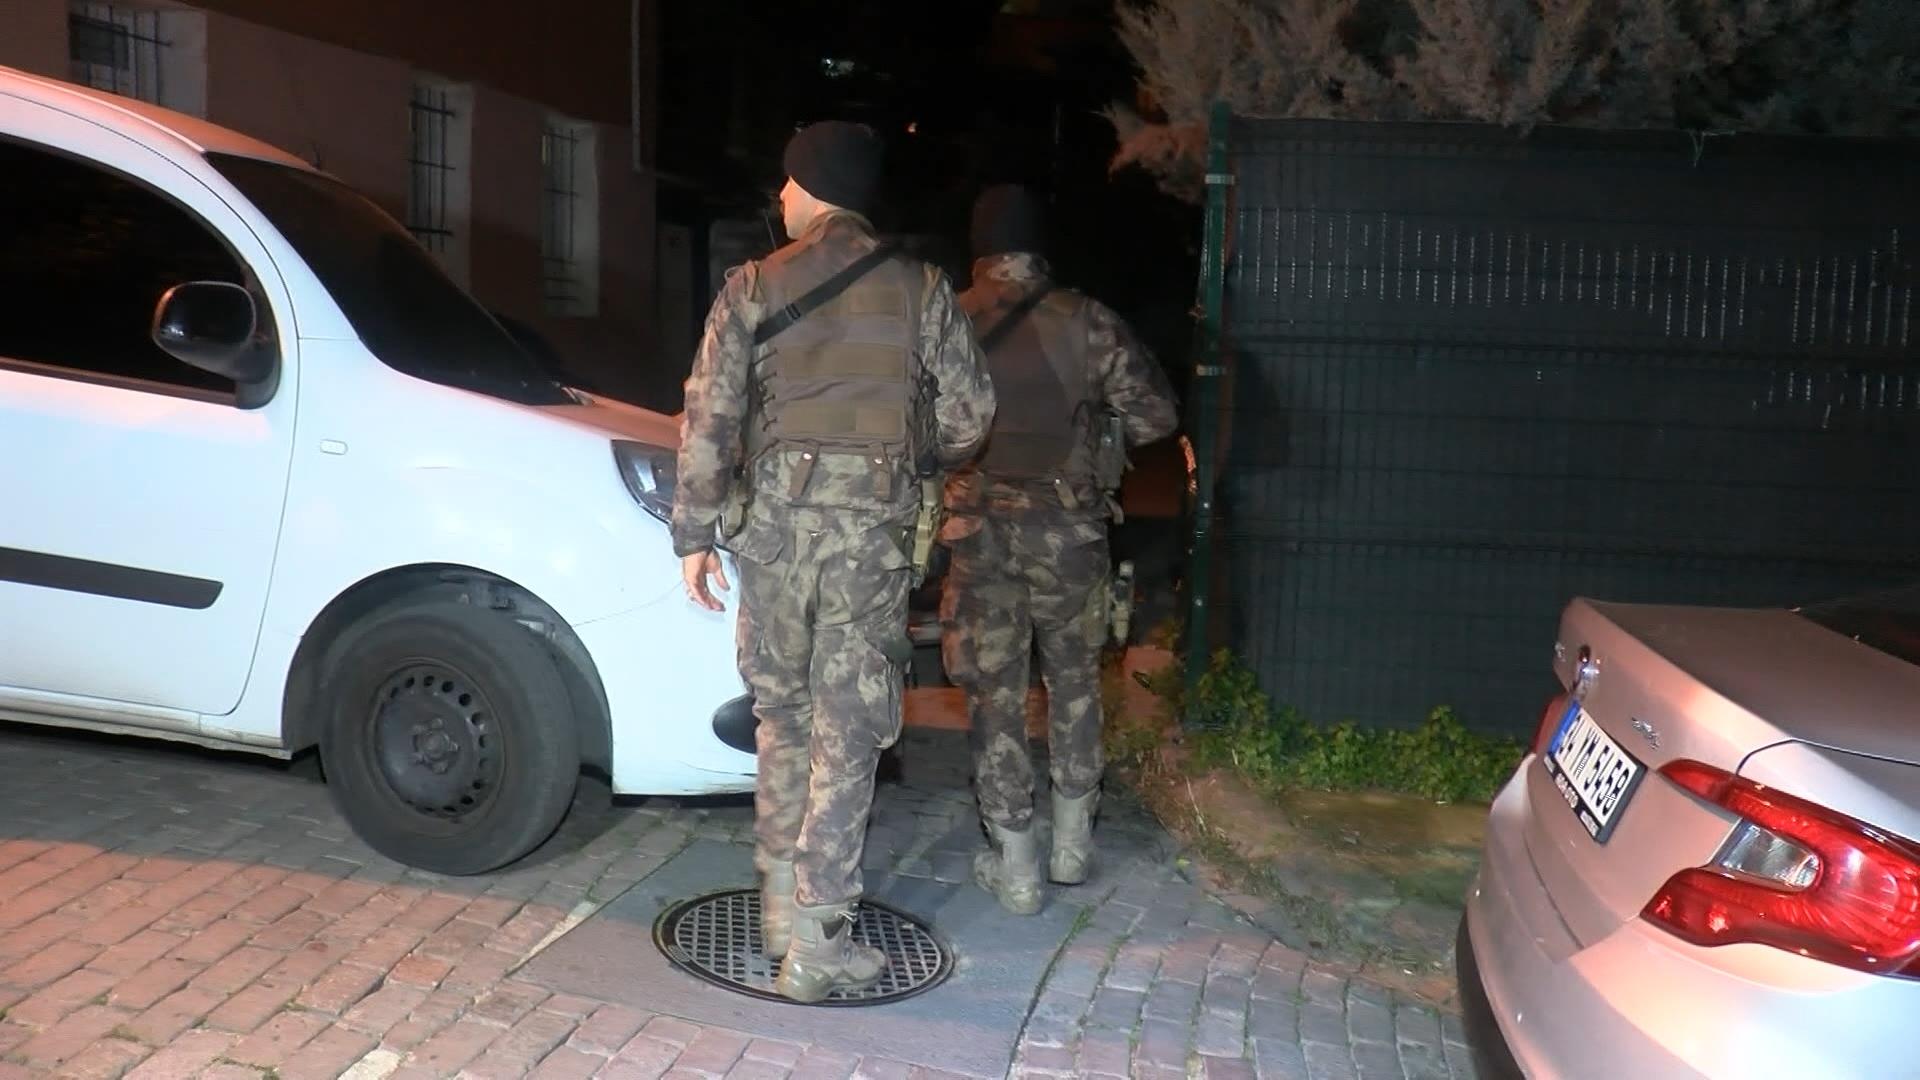 Fatih'te etrafa rastgele ateş açan kişi polisi bacağından yaralayarak kaçtı